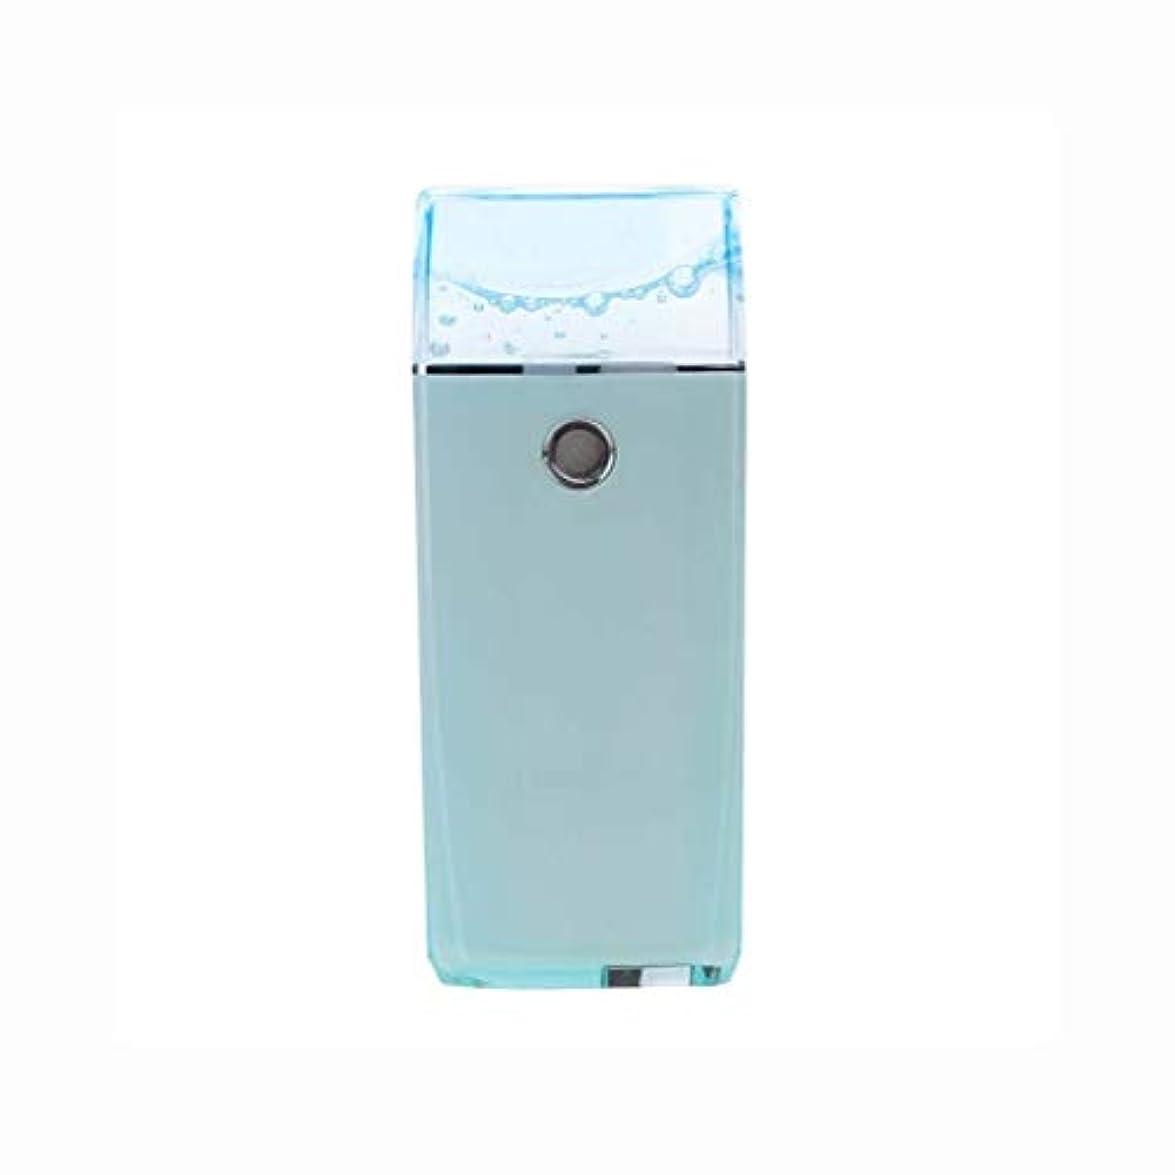 乳剤排除するゴージャスフェイシャルスチームエンジンナノスプレー水和機器ハンドヘルドポータブルコールドスプレー加湿スチームフェイス (色 : 青)